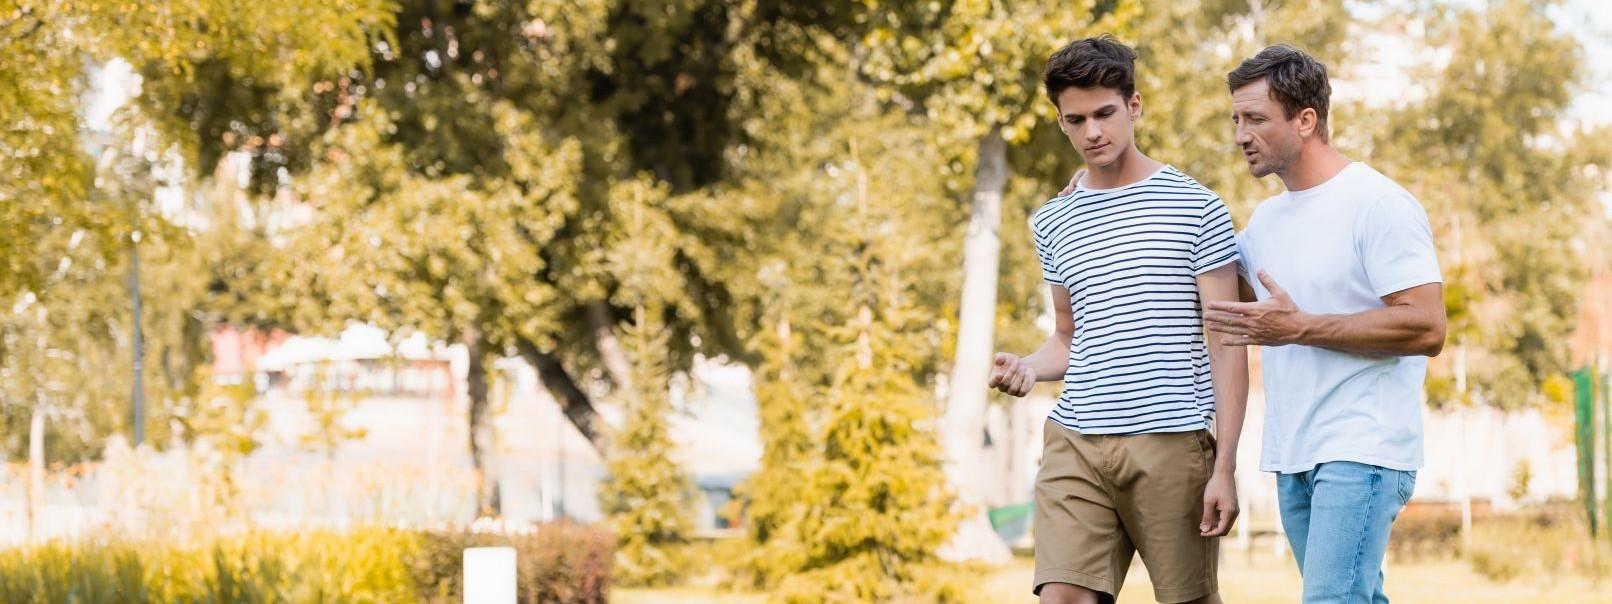 Ein Mann läuft mit seinem etwa 16 jährigen Sohn über eine Wiese. Beide unterhalten sich angeregt.